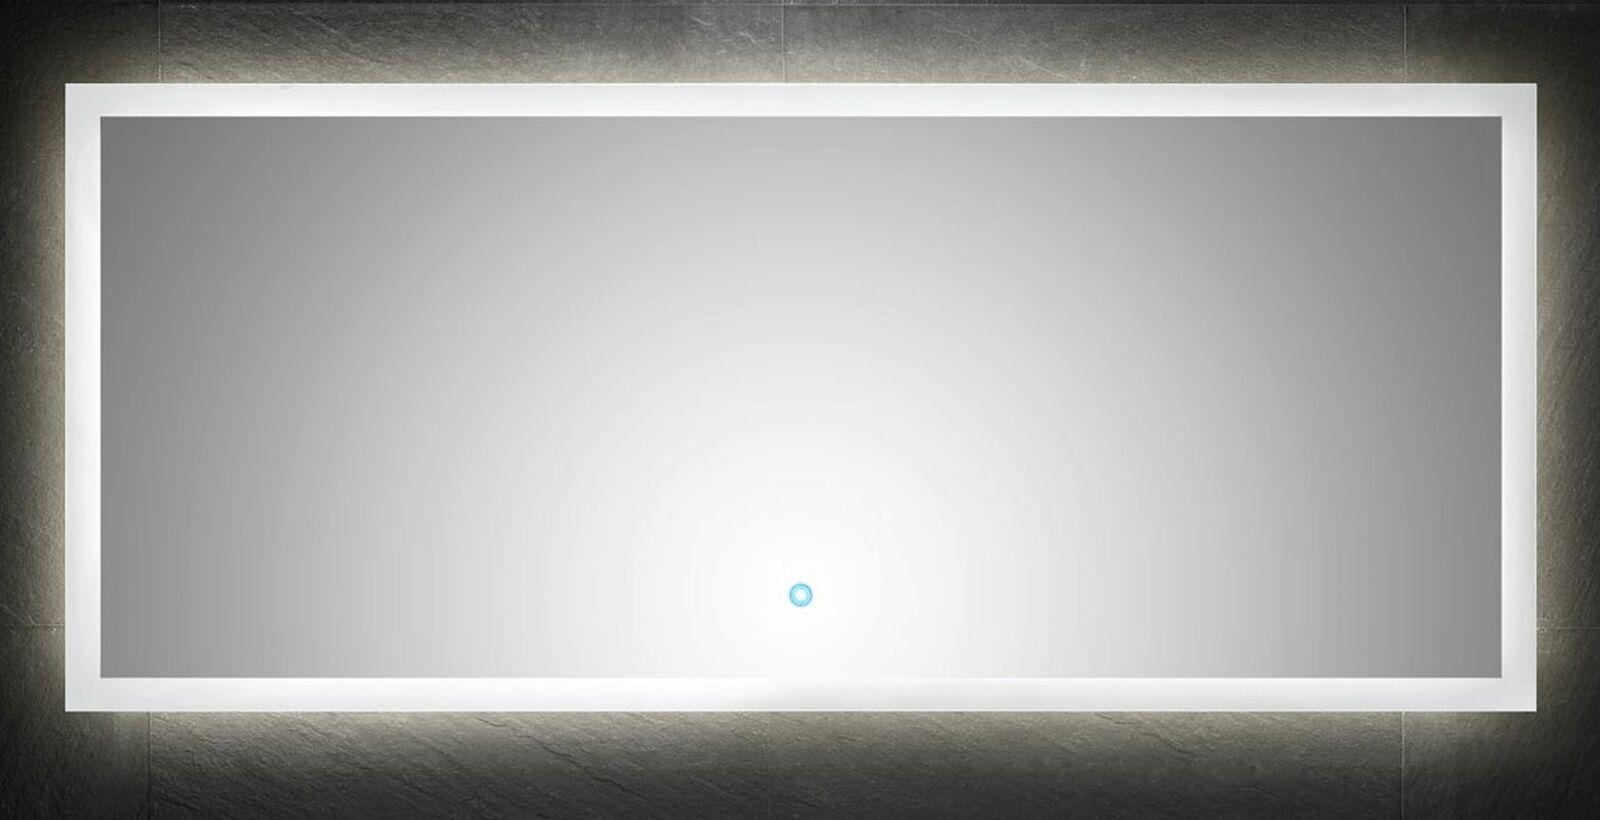 LED Spiegel 100x60 cm mit Touch Bedienung